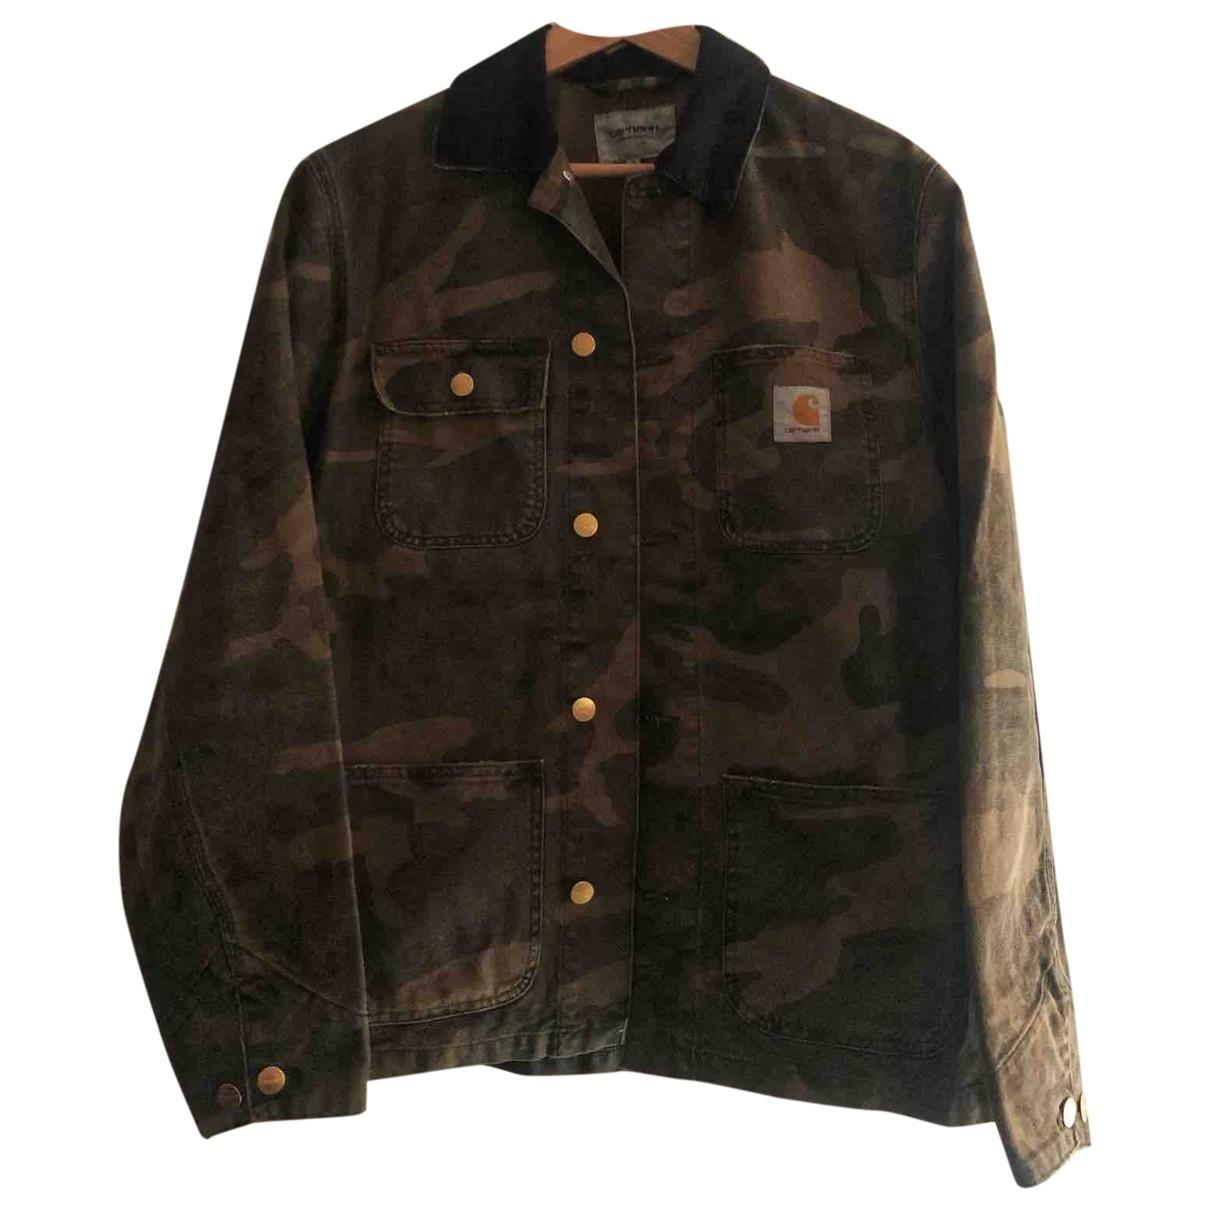 Carhartt \N Khaki jacket  for Men S International